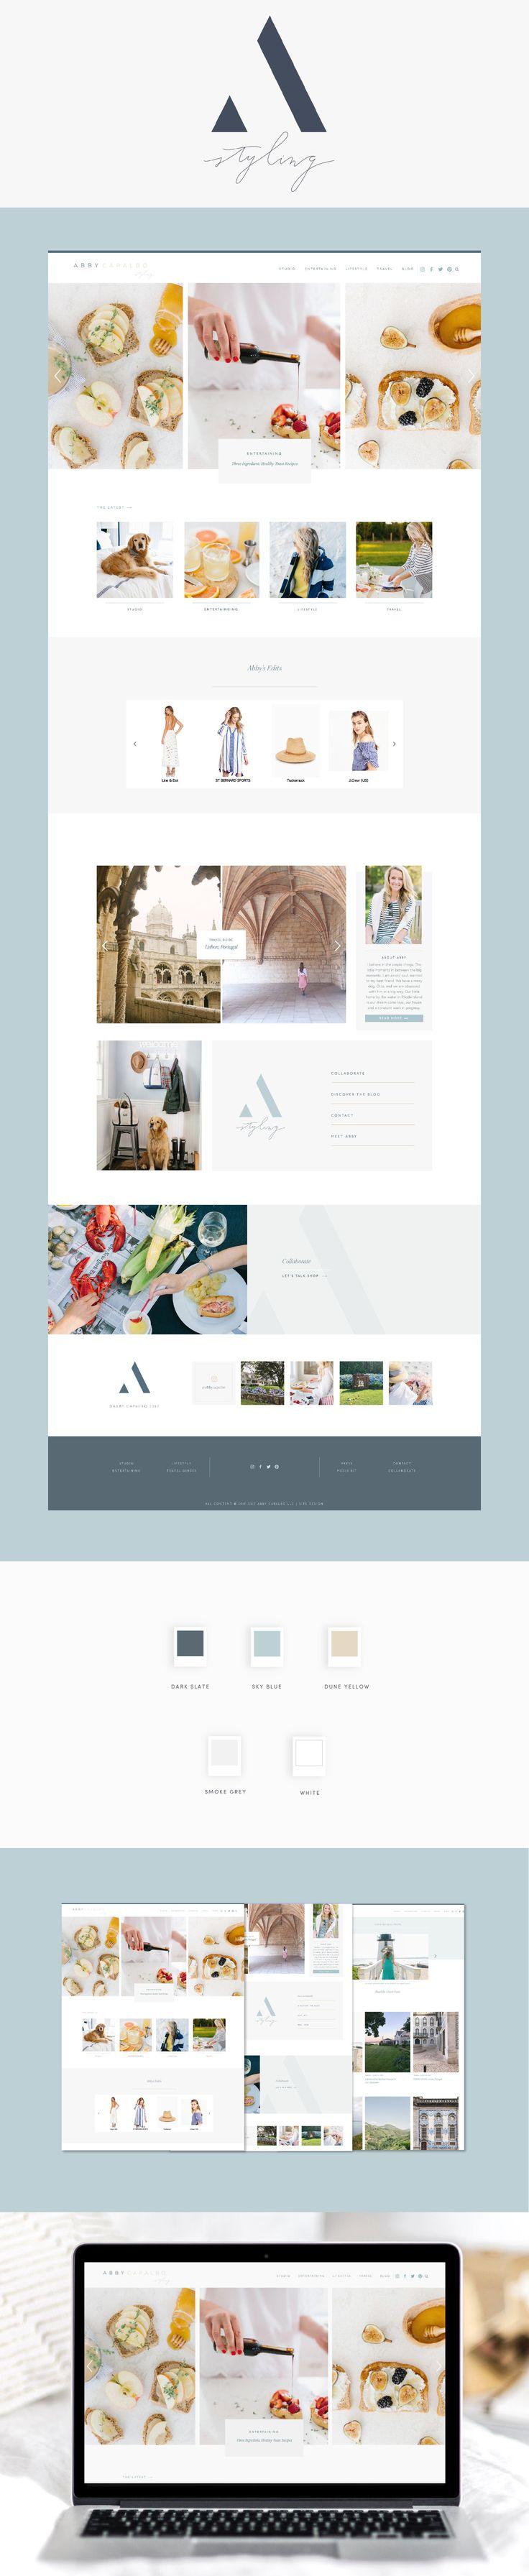 606 best website design inspiration images on pinterest website